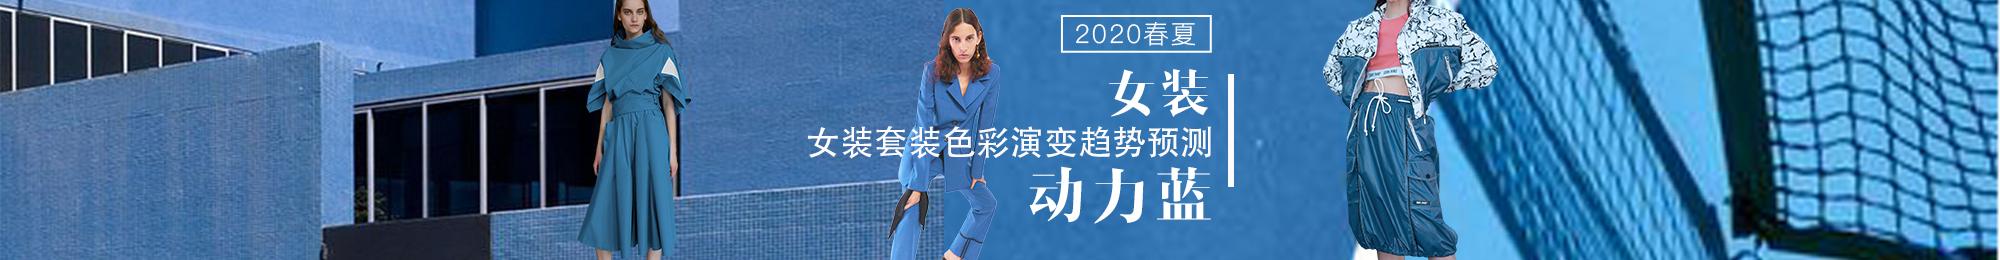 2020春夏女裝套裝色彩演變趨勢預測--動力藍